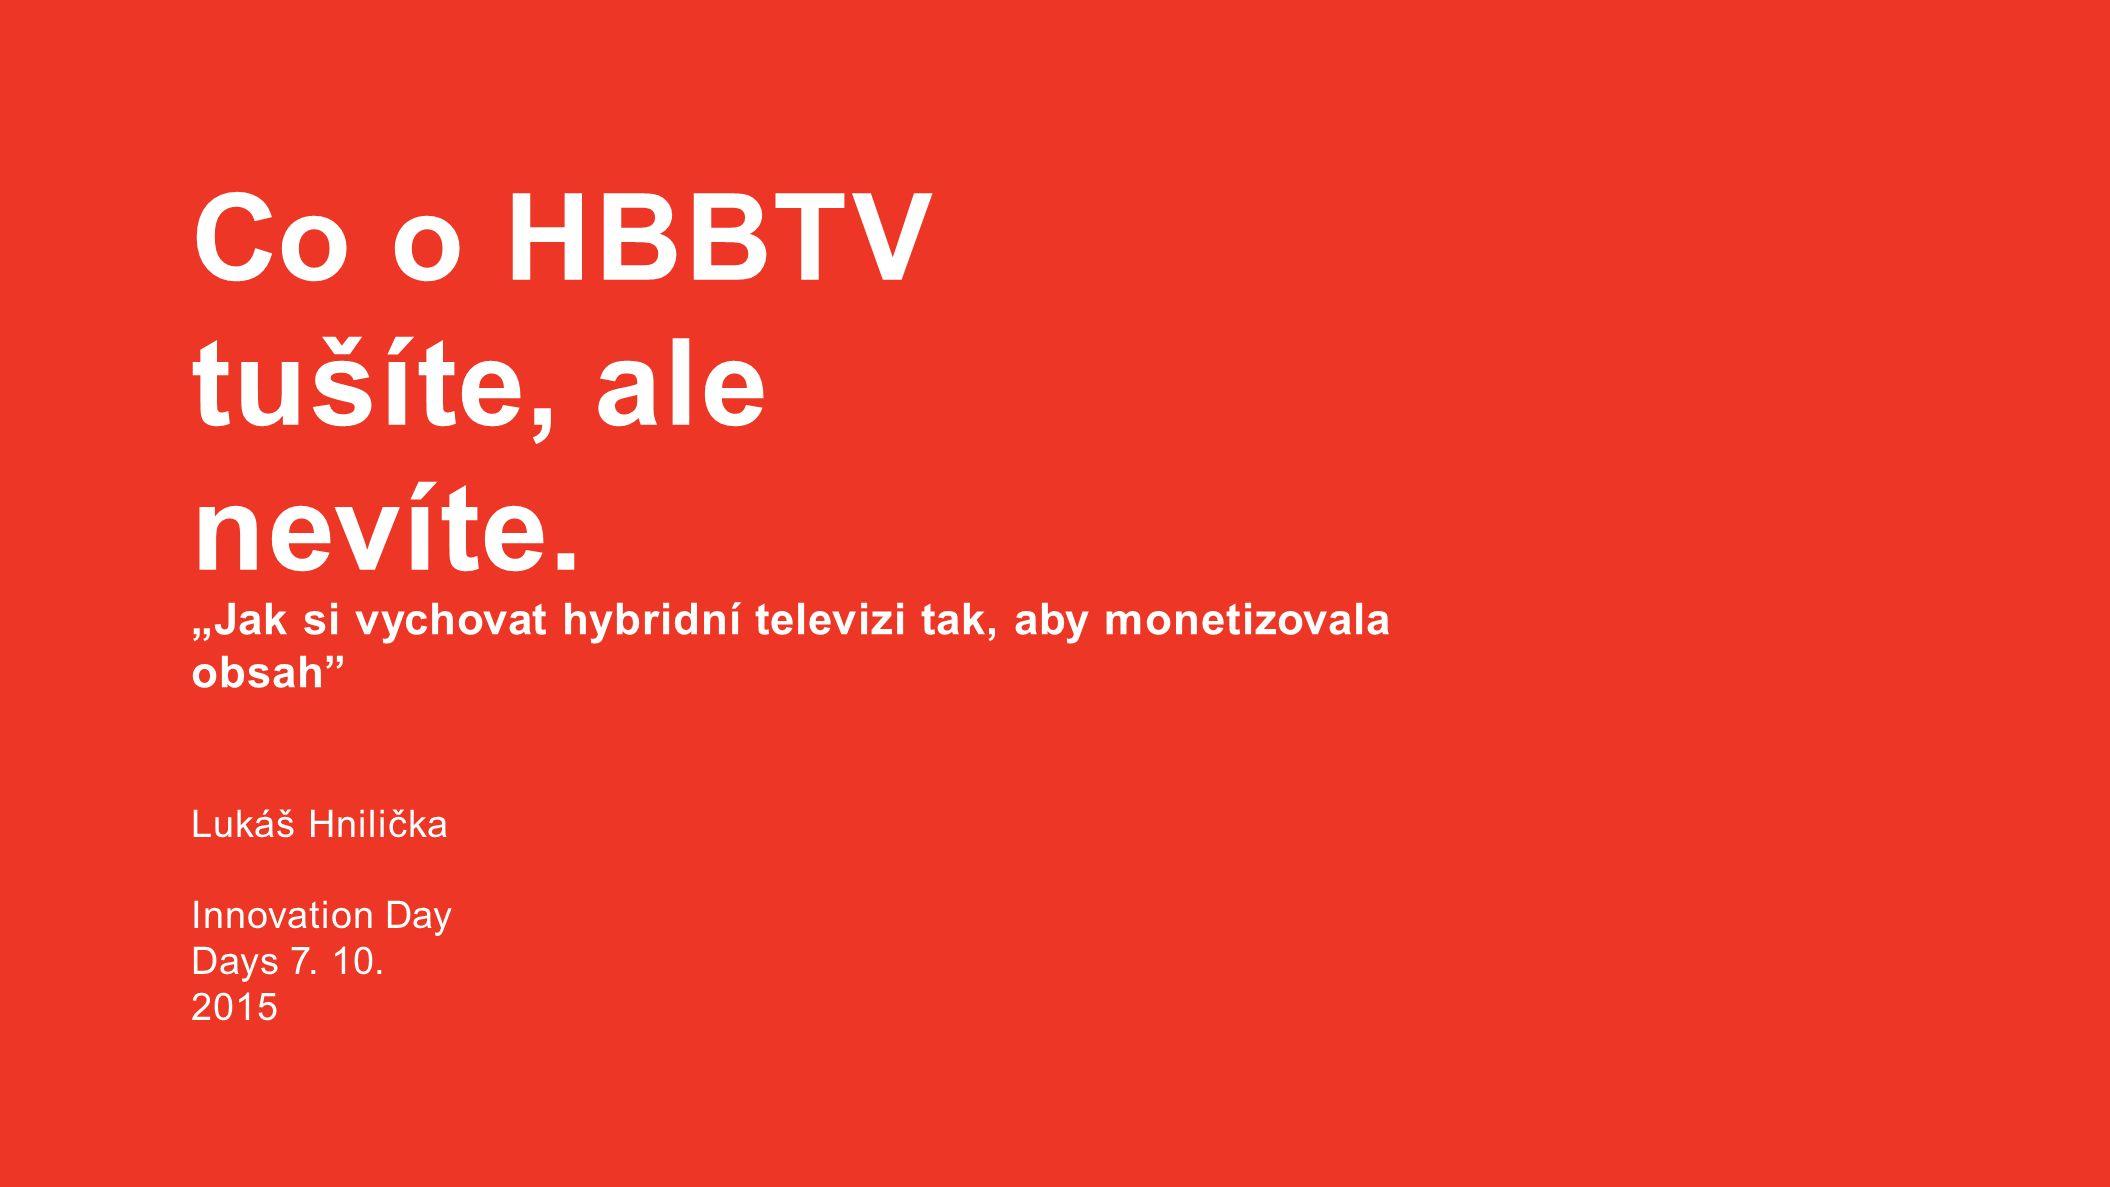 Co o HBBTV tušíte, ale nevíte.